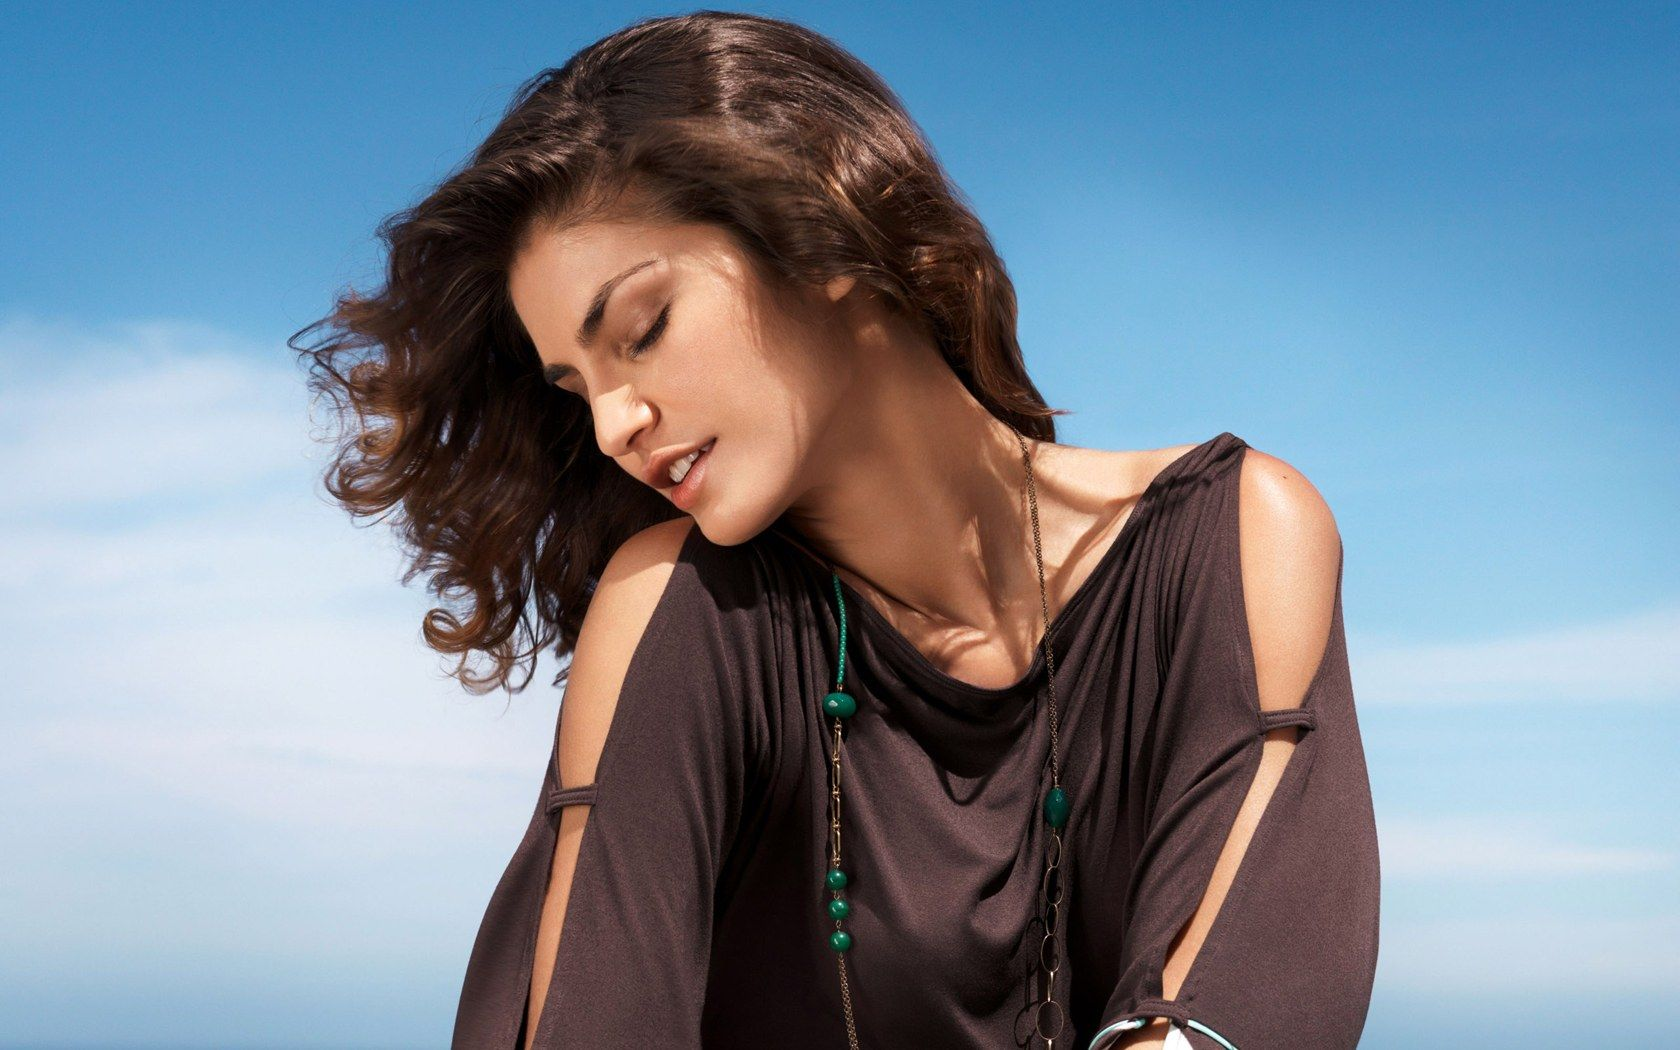 supermodels wallpaper, hd top models :the most beautiful  | shots